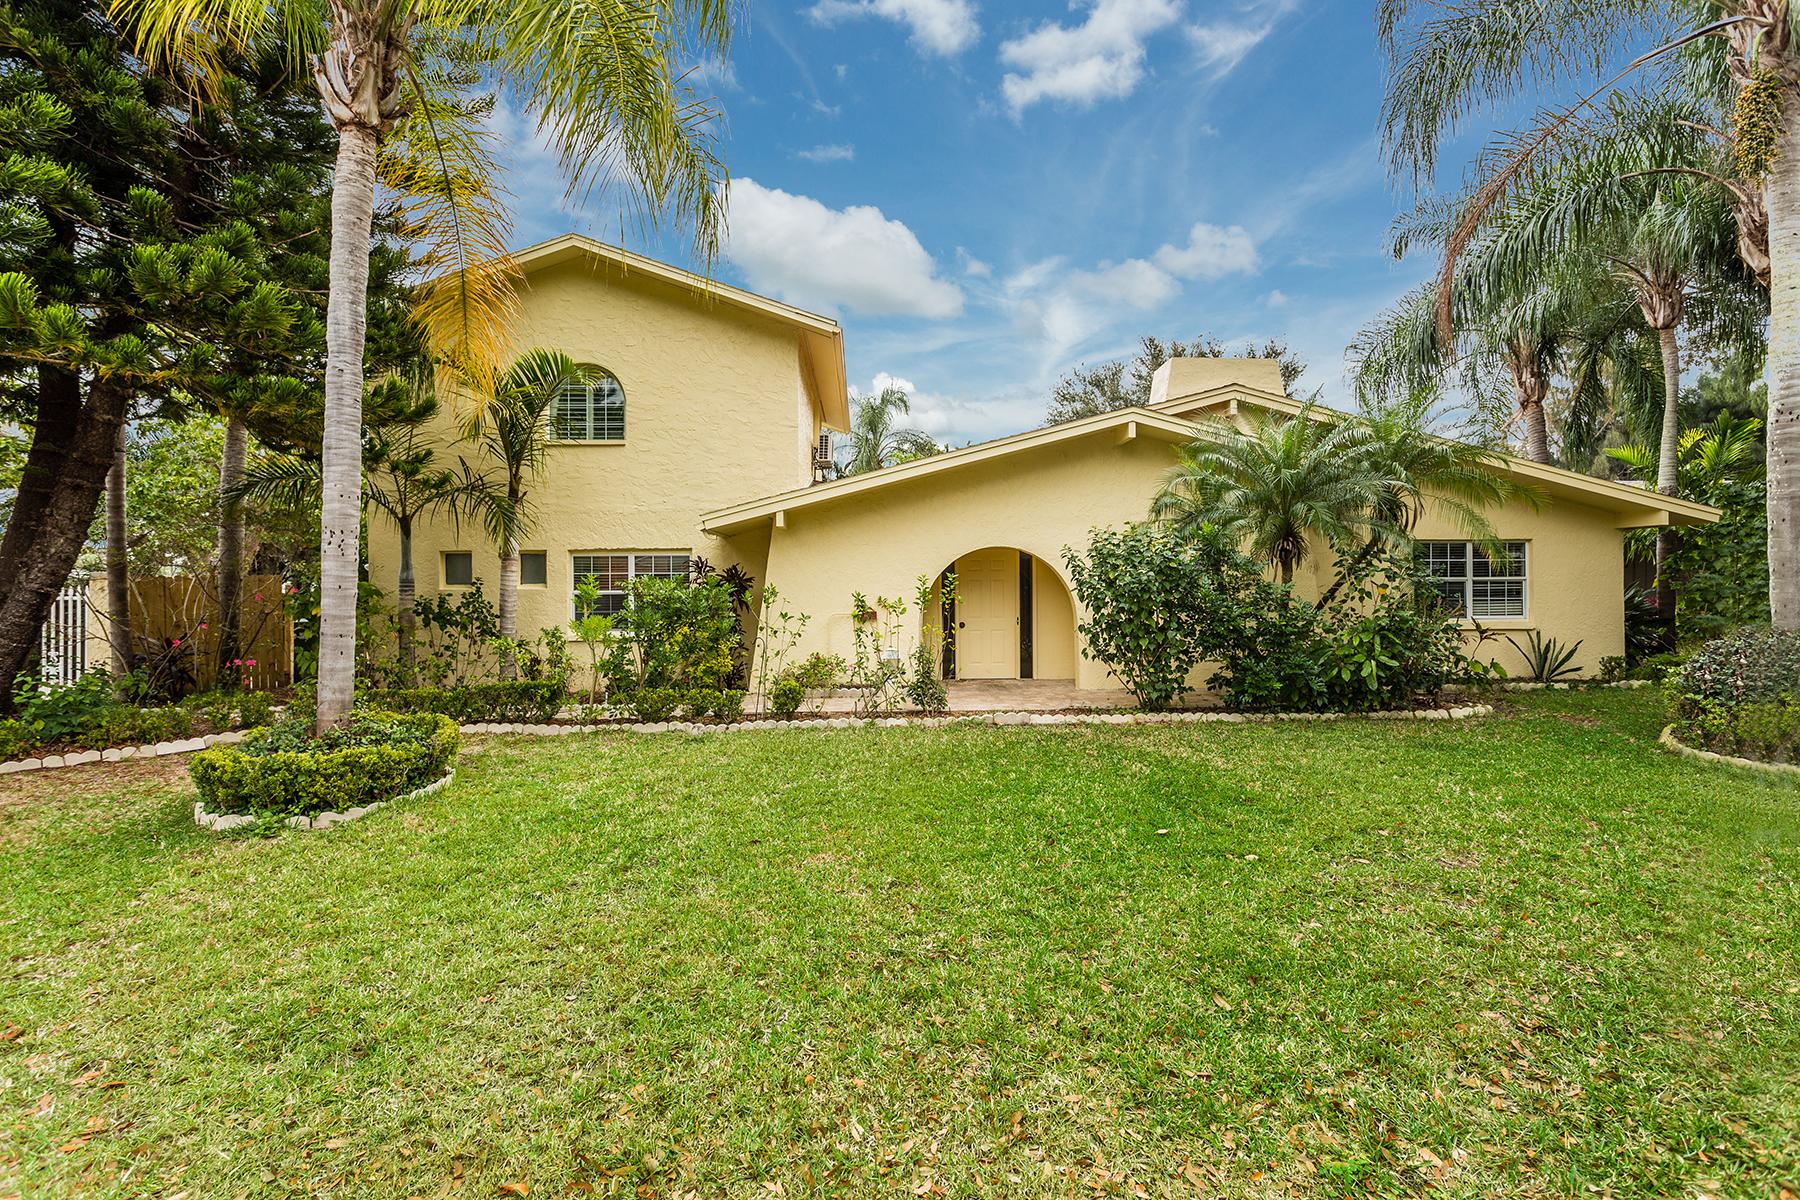 Casa Unifamiliar por un Venta en LARGO 815 Seacrest Dr Largo, Florida, 33771 Estados Unidos